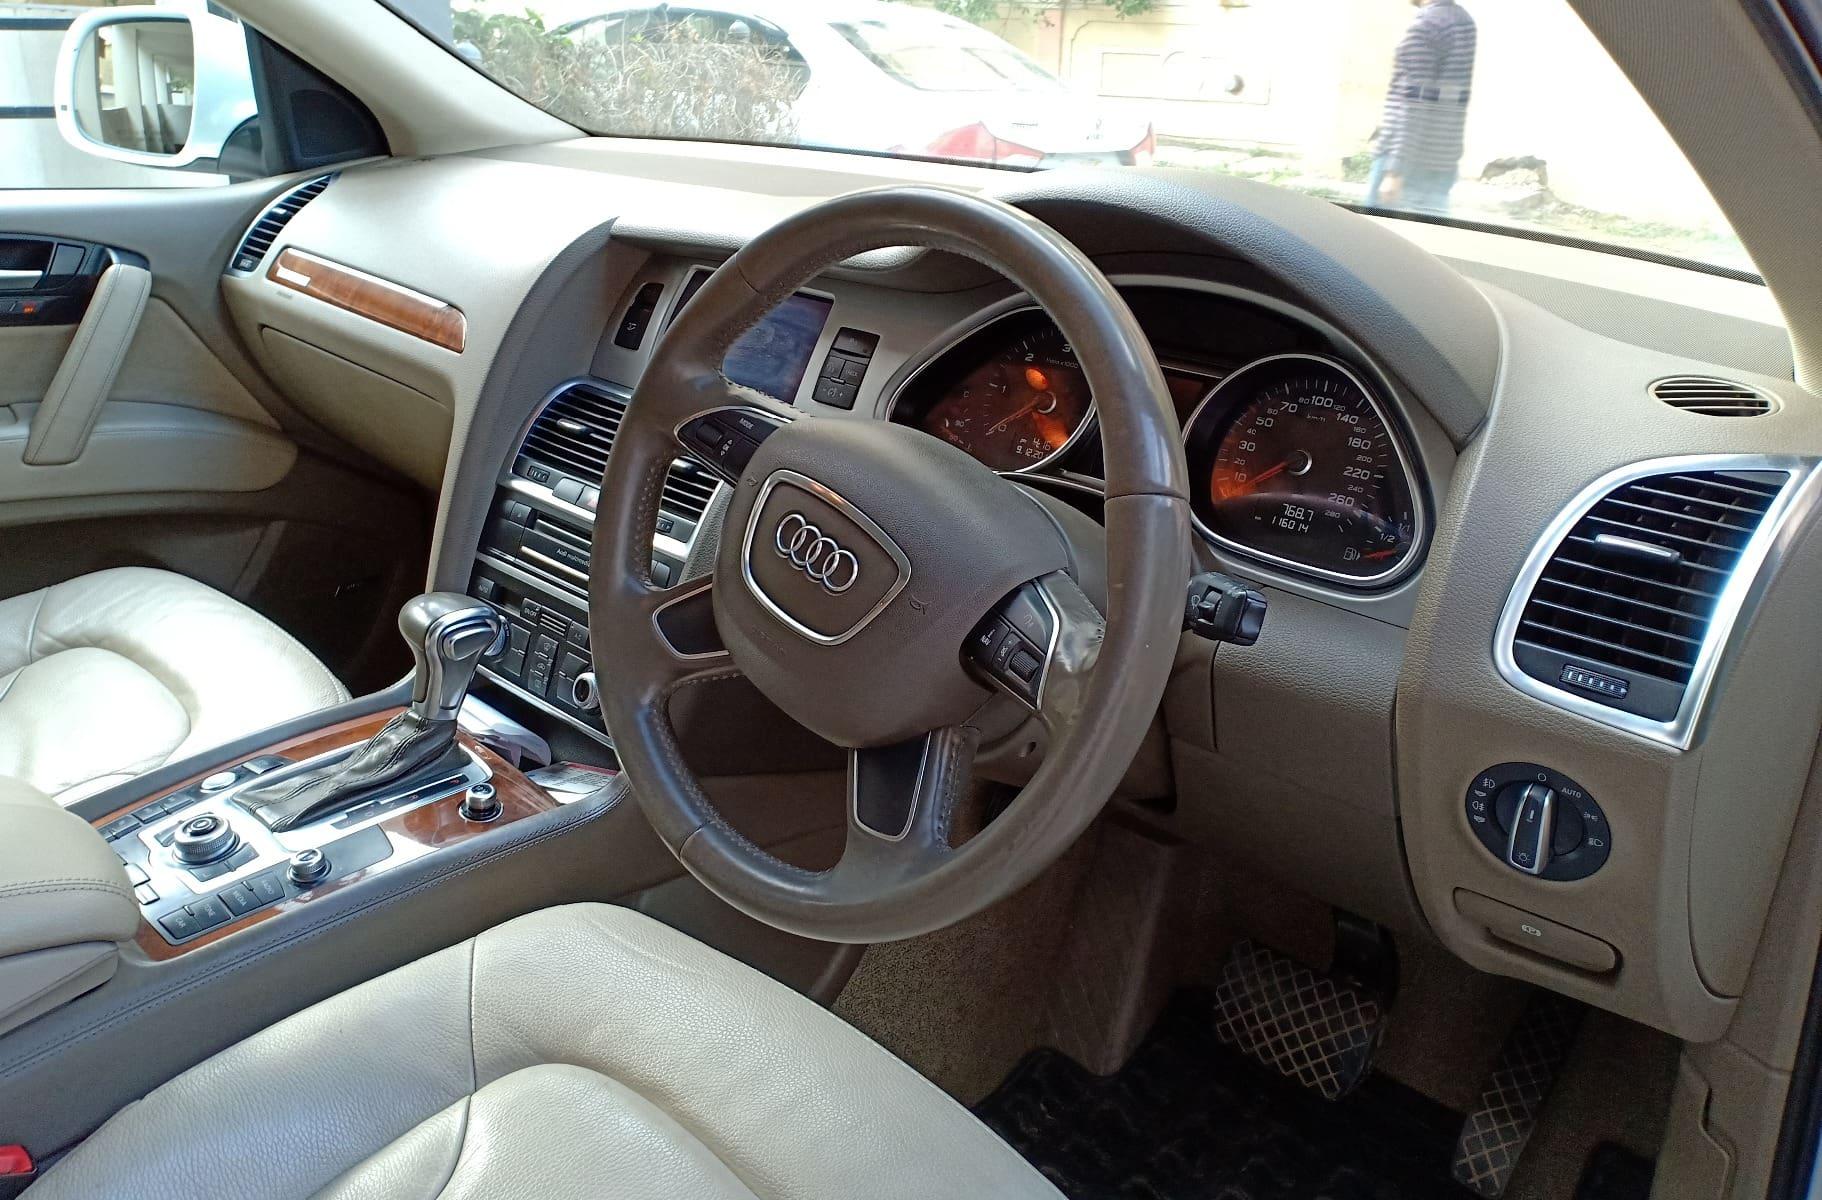 Audi Q7 3.0 TDI Quattro Premium Plus